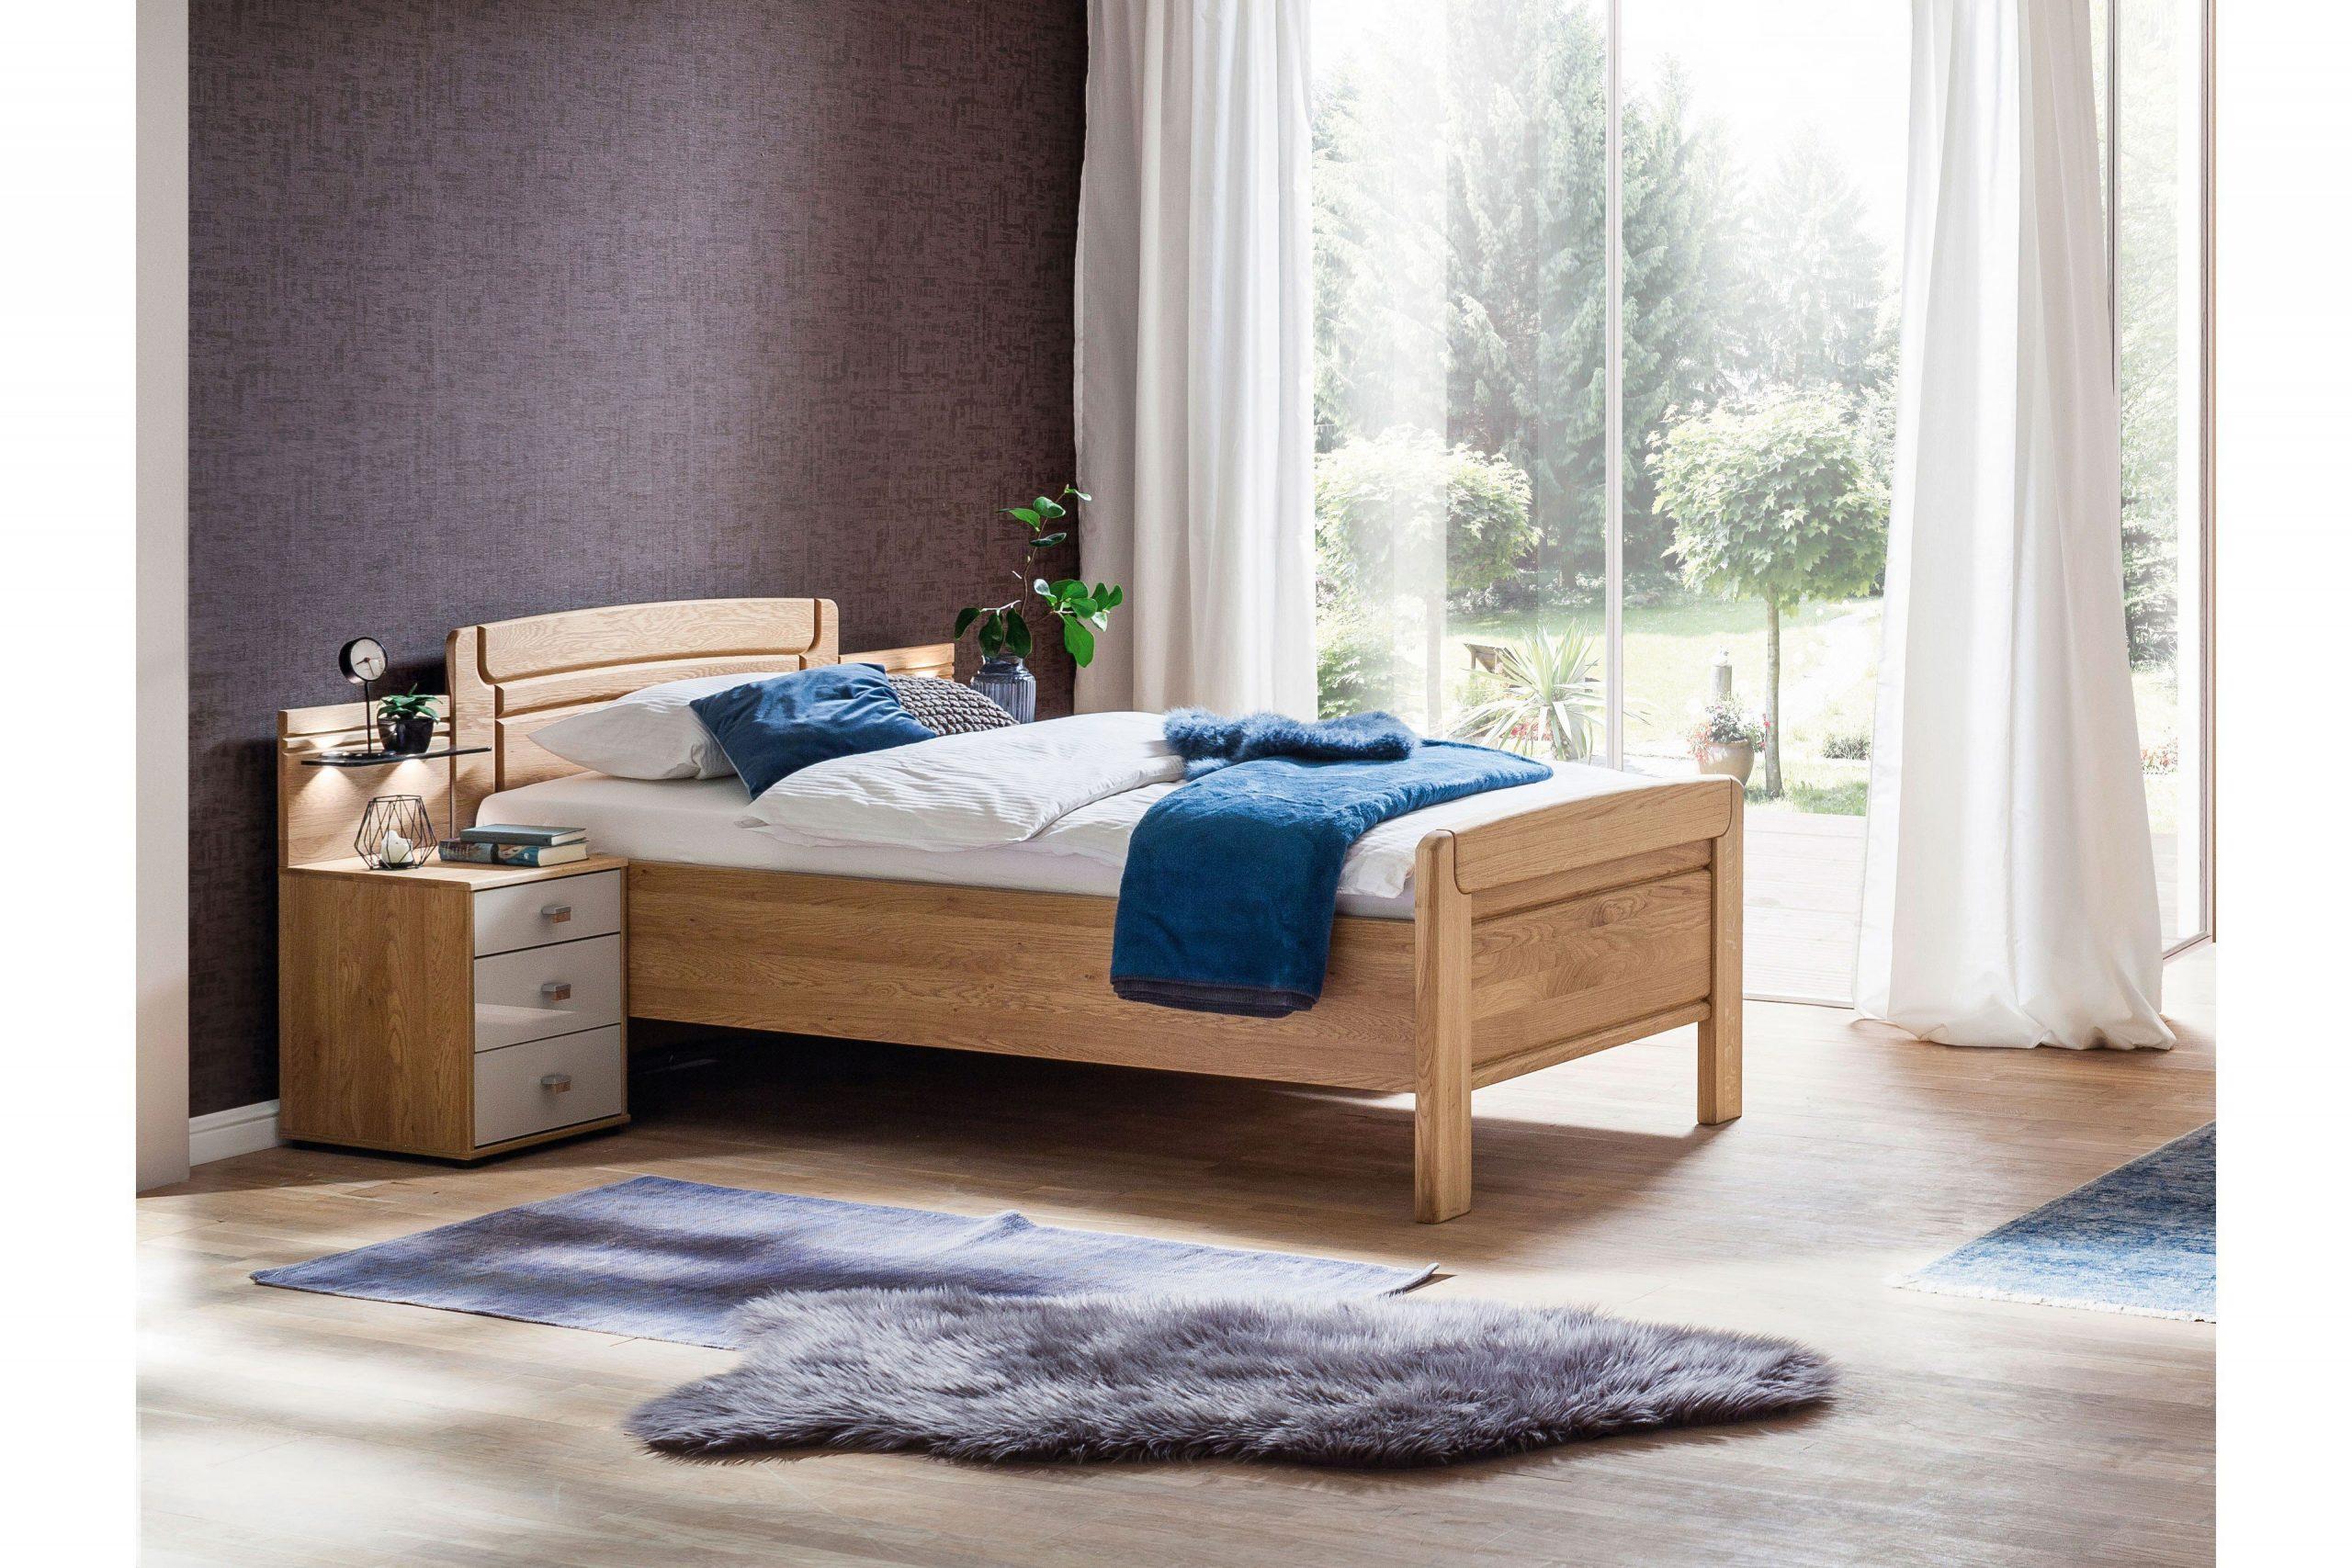 Full Size of Bett Komplett Mit Ausziehbett Billige Betten Selber Bauen 140x200 Für übergewichtige Kopfteil Eiche Sonoma Bopita 160x200 Hohe Ikea Innocent Massiv Bett Bett 120 Cm Breit